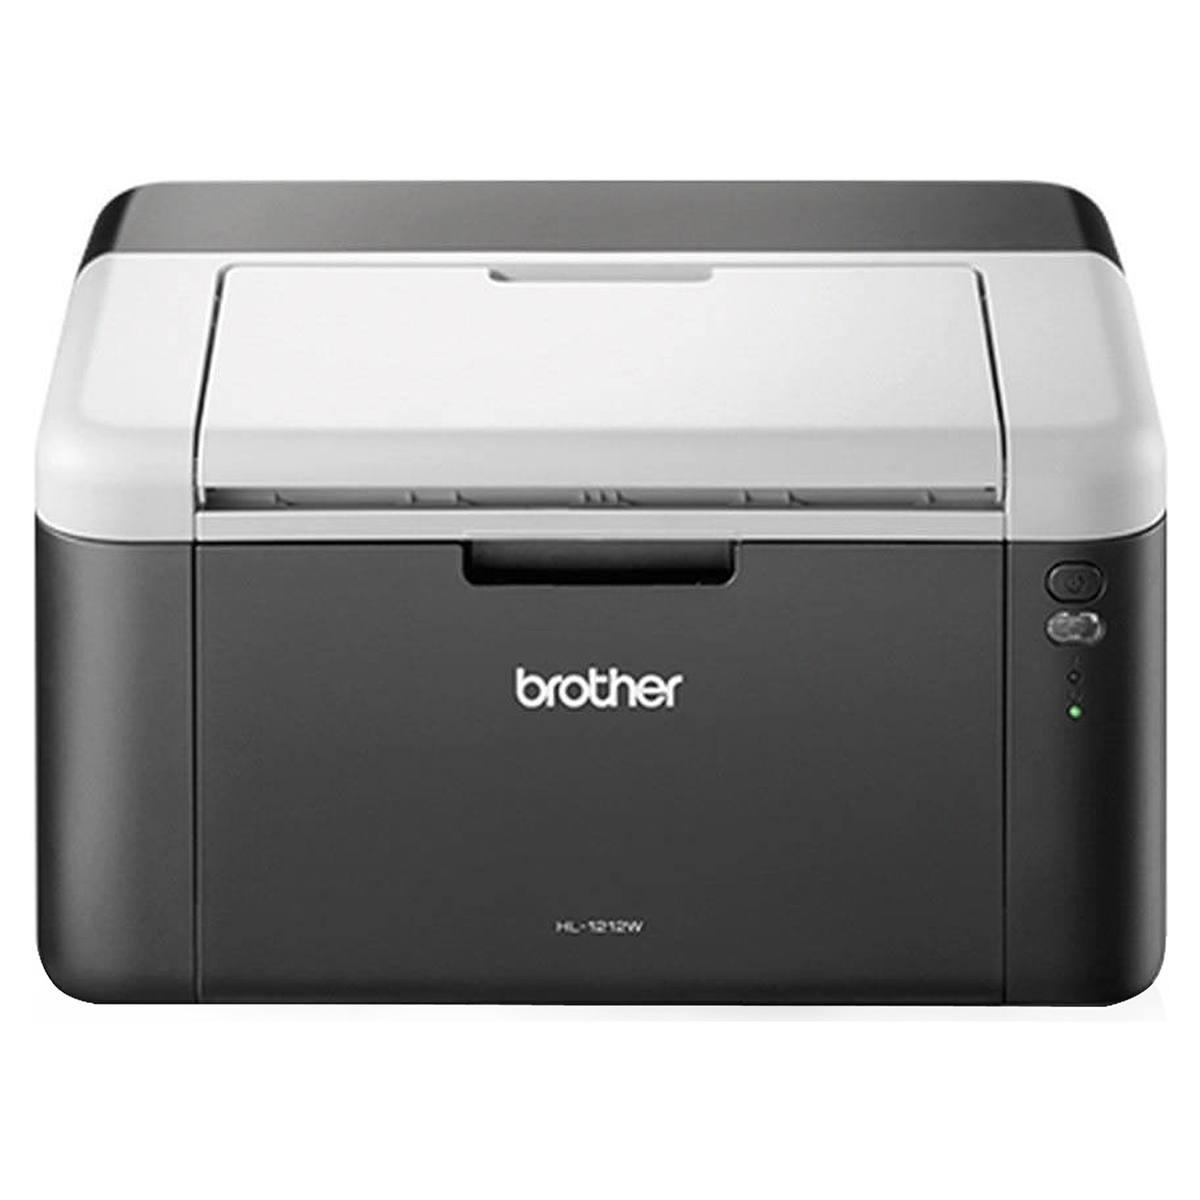 Impressora Brother HL-1212W Laser Monocromática com Conexão Wireless e USB 110V HL1212W